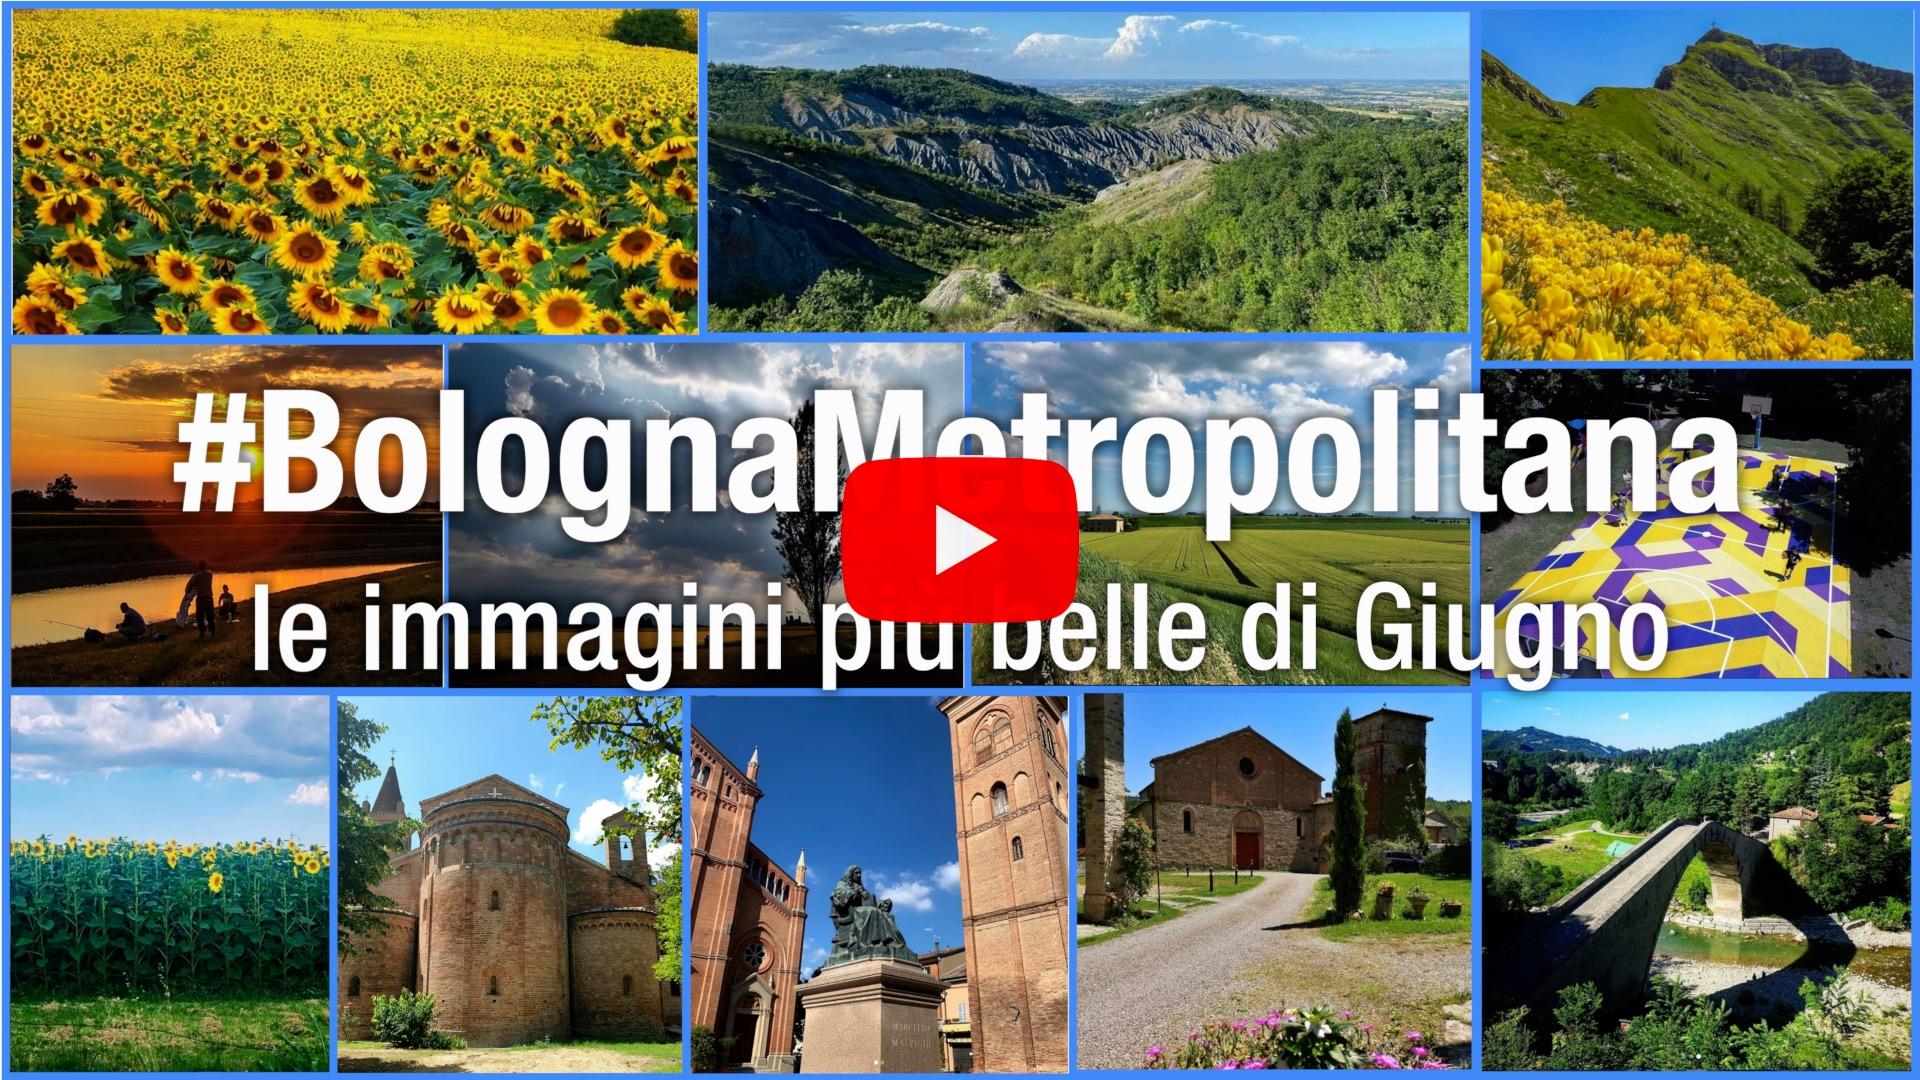 #BolognaMetropolitana - Le immagini più belle di giugno 2020